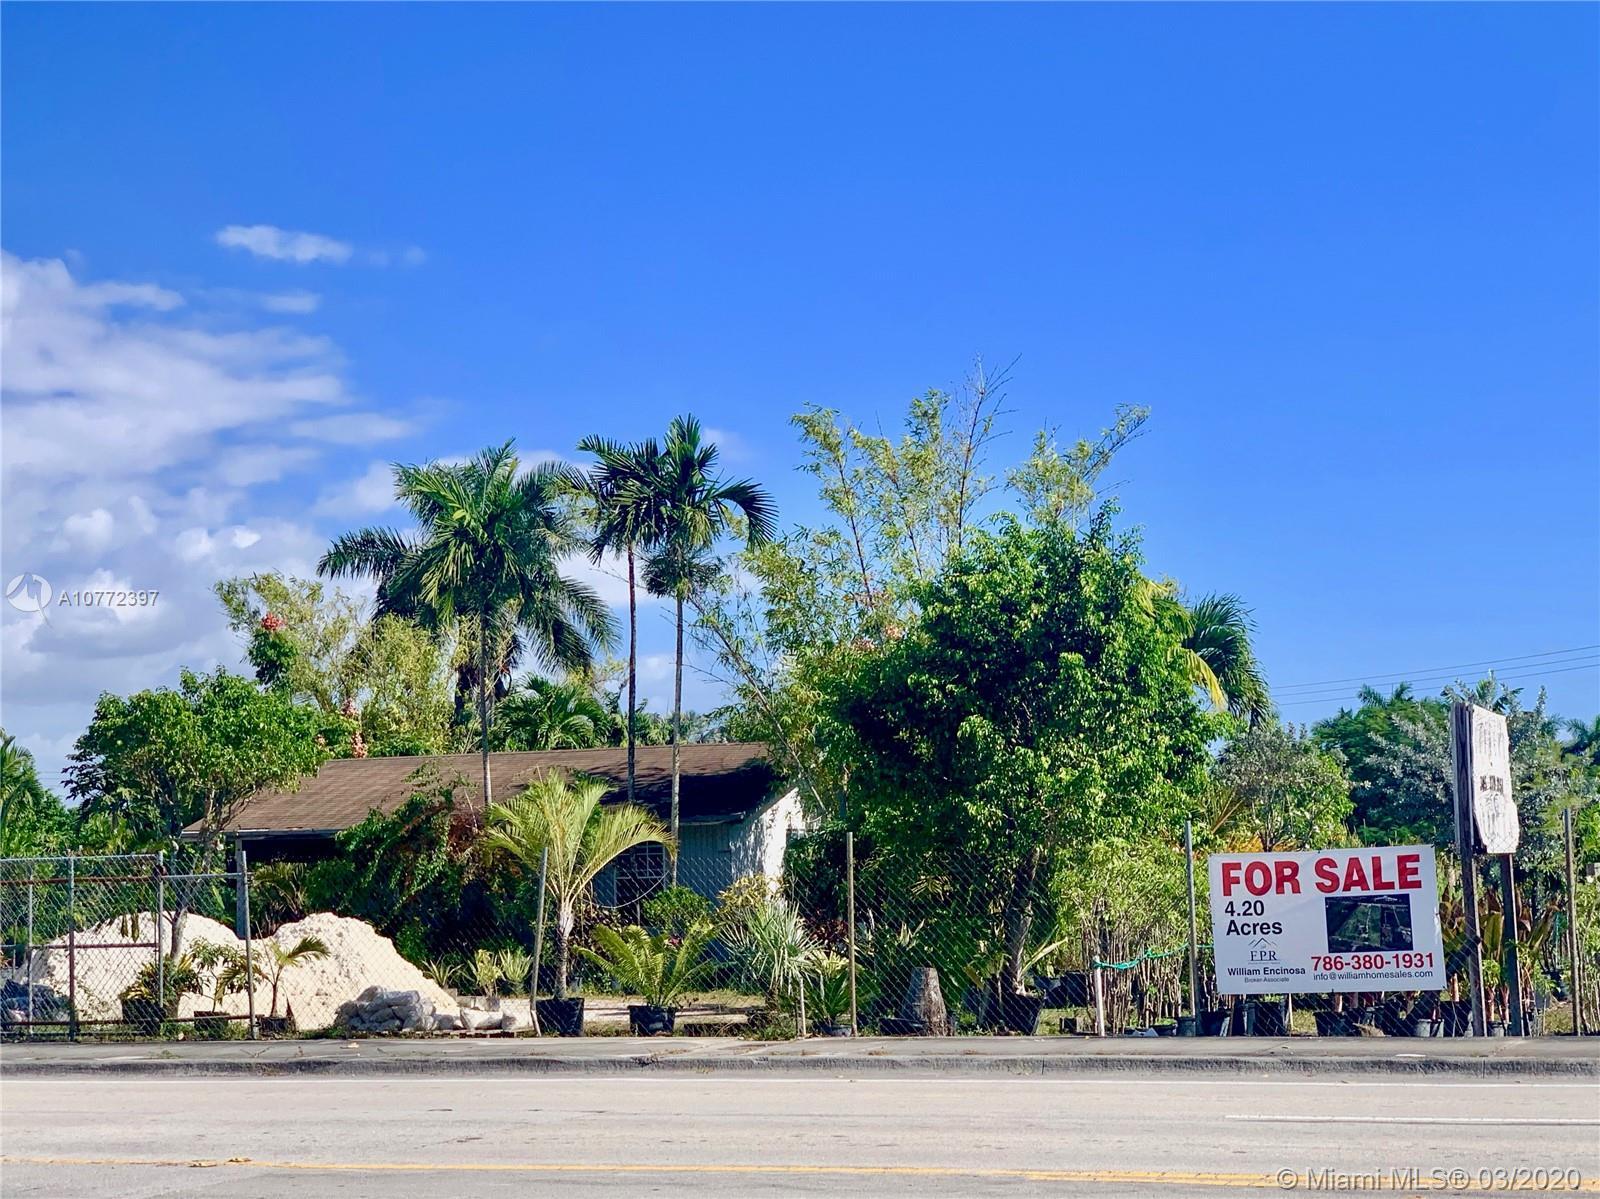 5925 SW 127th Ave, Miami, FL 33183